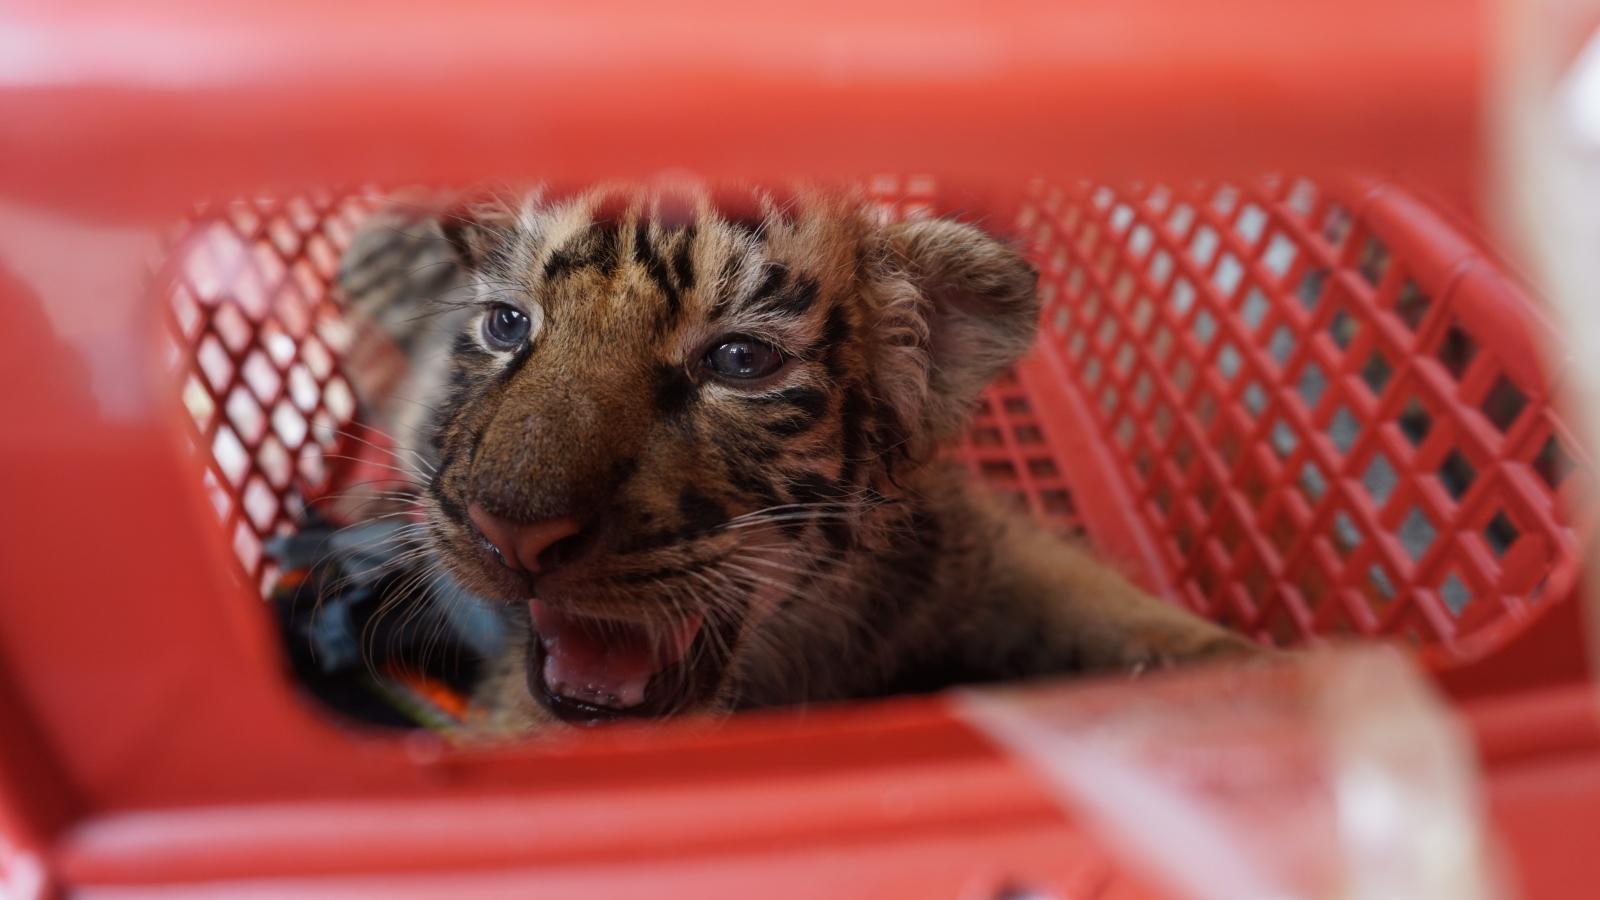 Chùm ảnh: Bàn giao 7 cá thể Hổ Đông Dương cho vườn quốc gia Pù Mát